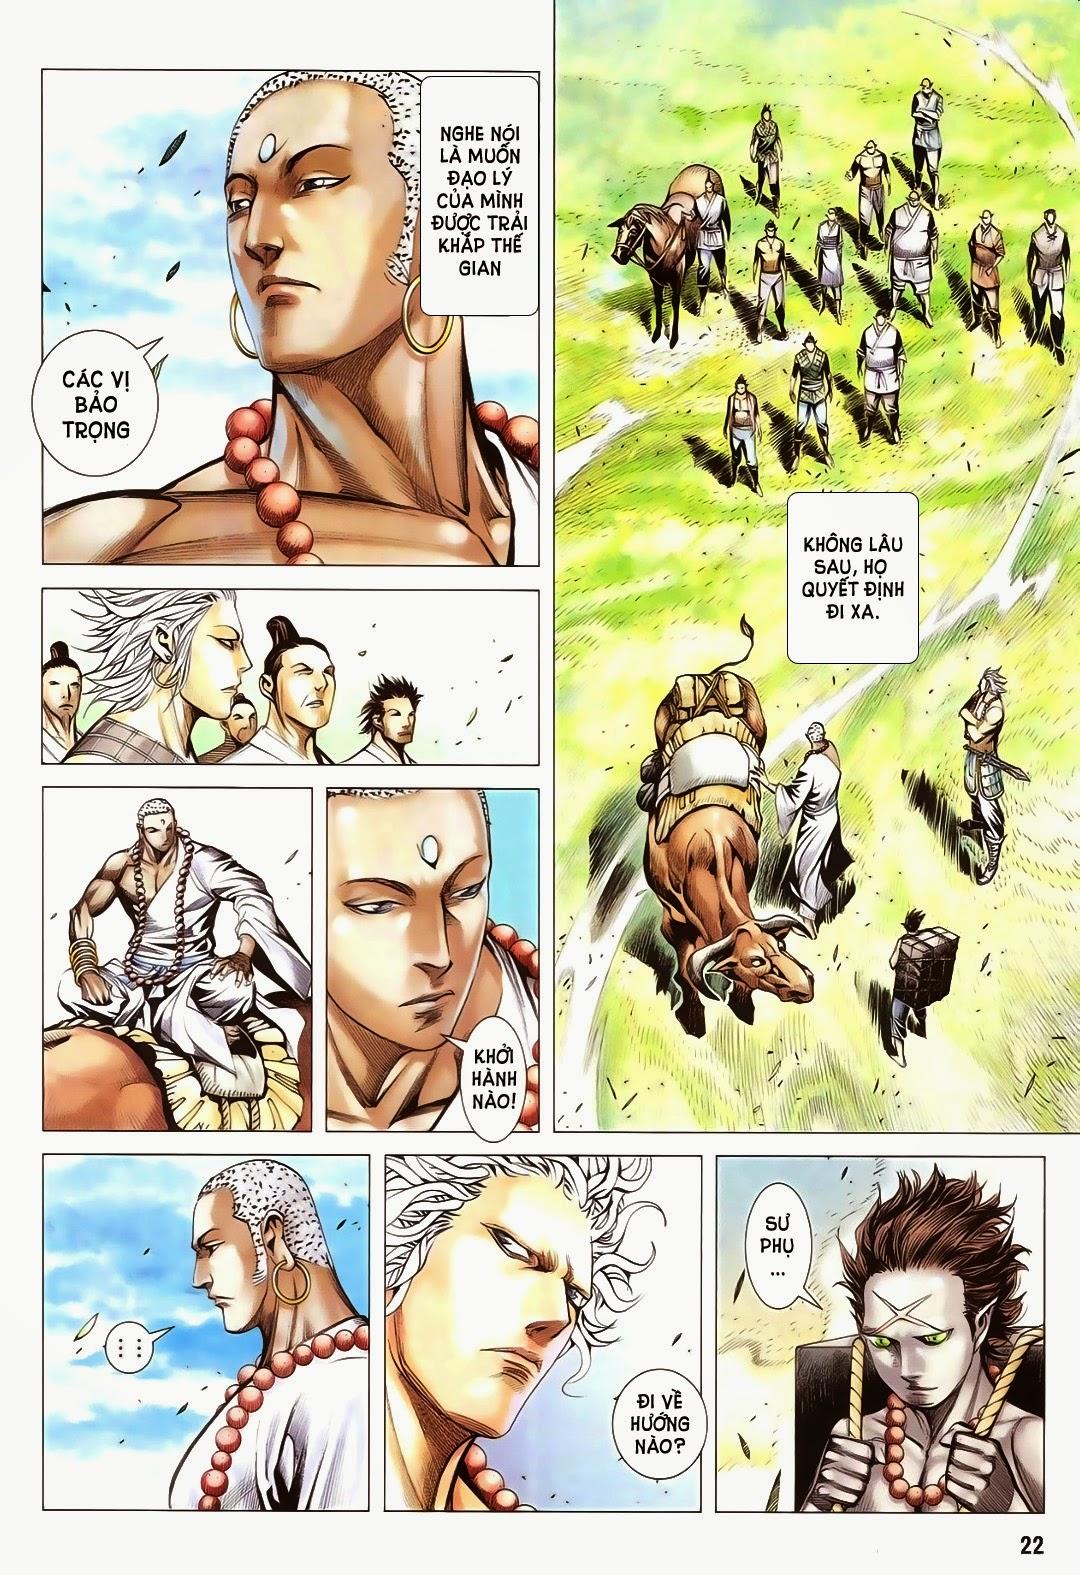 Phong Thần Ký chap 181 - Trang 20